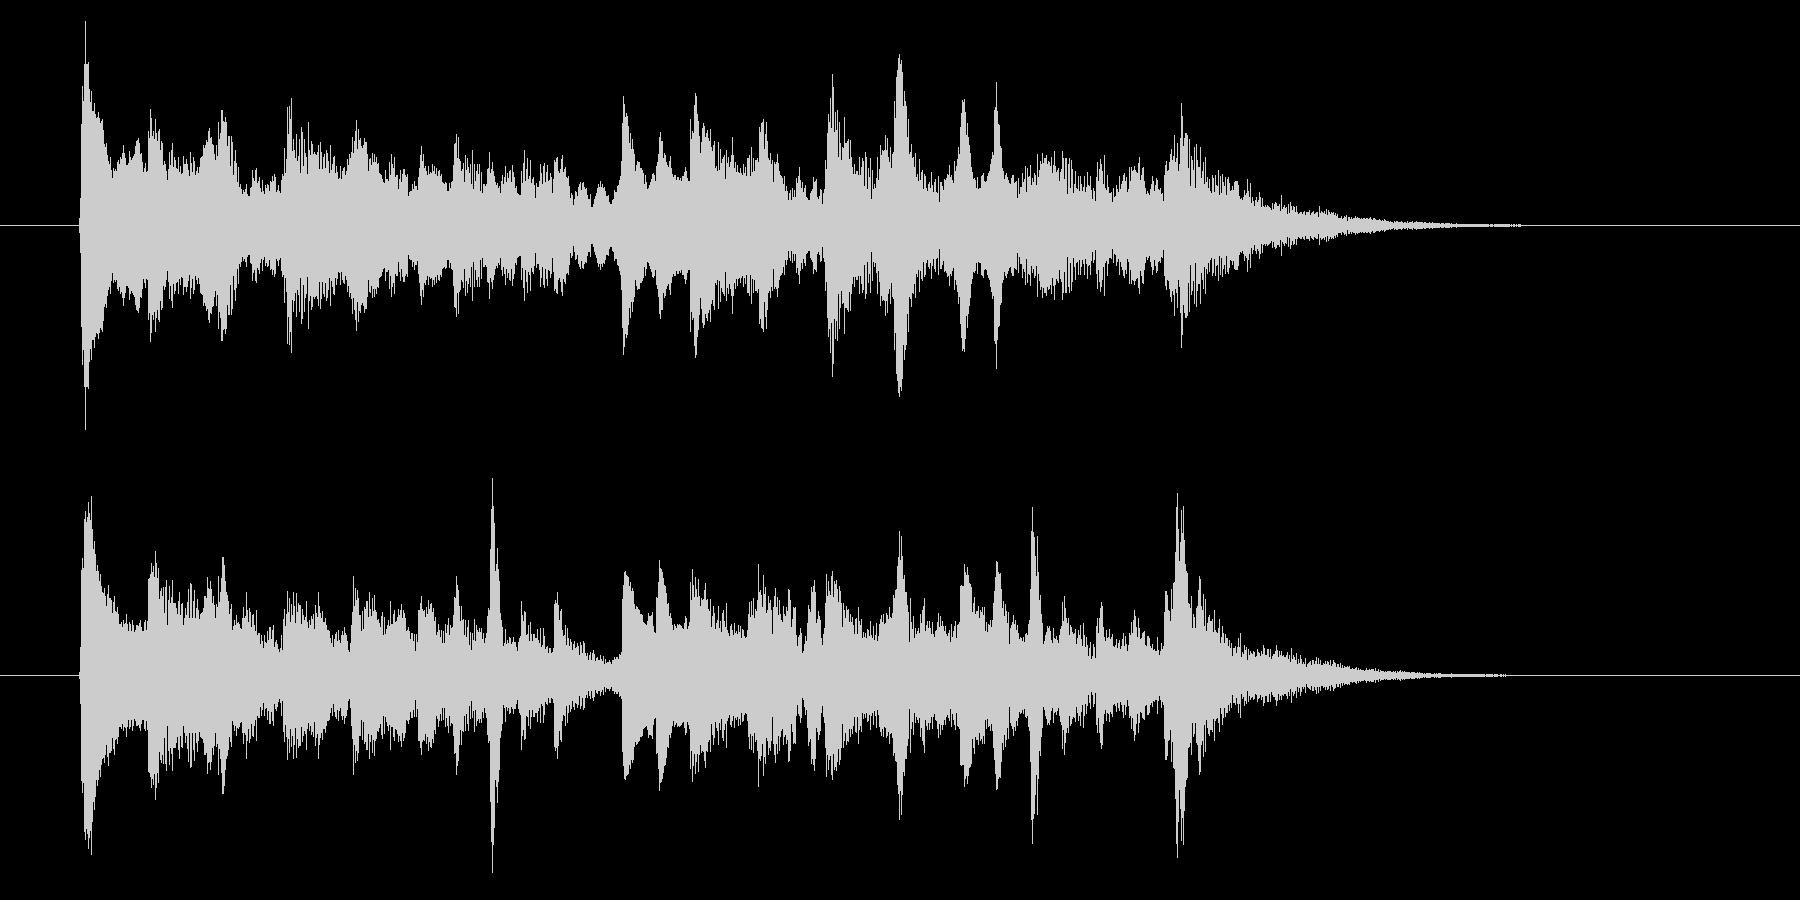 ゆったり和風な弦楽器・打楽器サウンドの未再生の波形